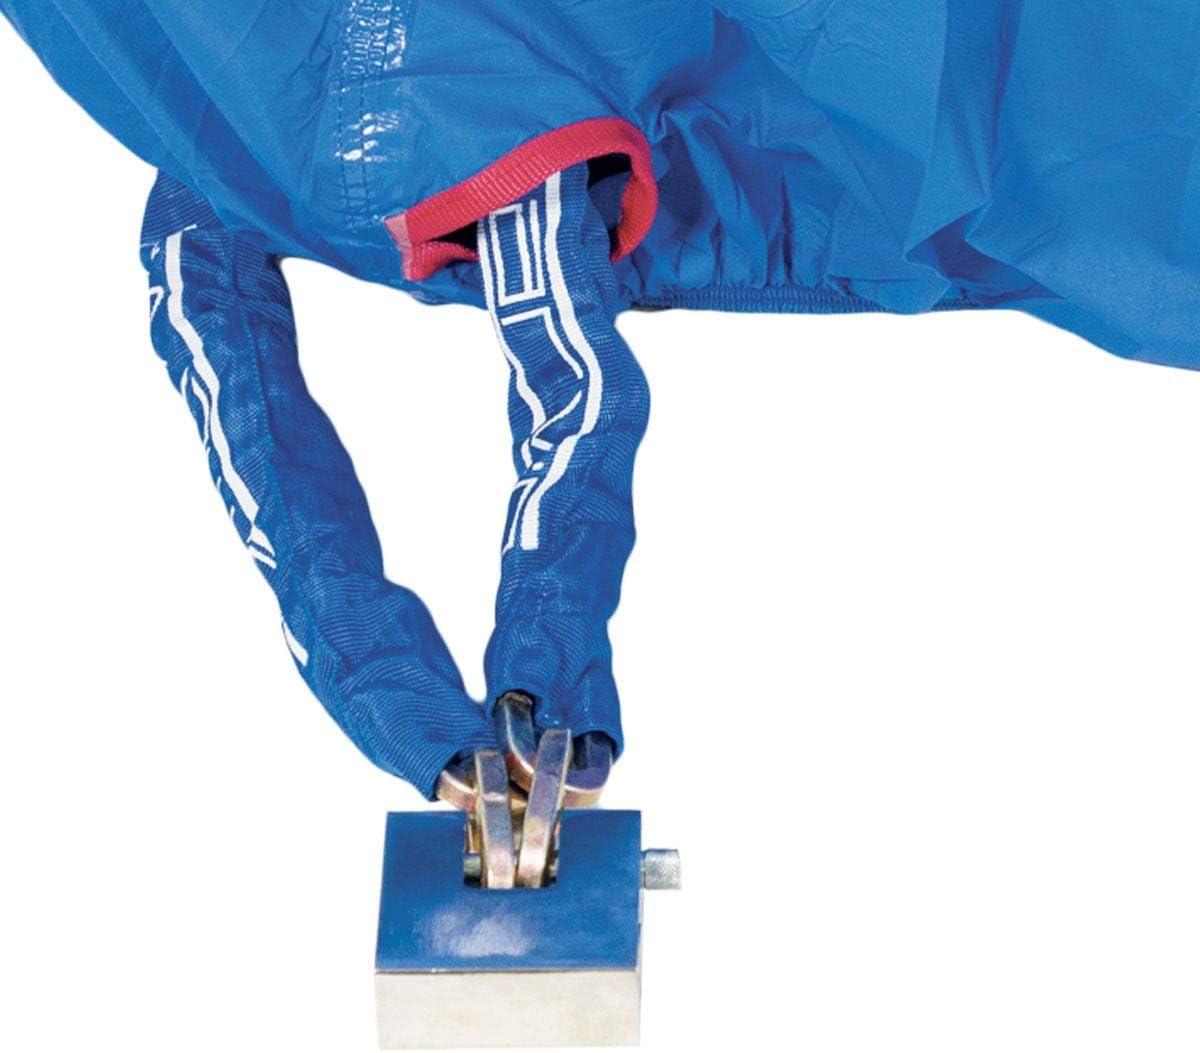 TJ MARVIN COPRIMOTO COPRISCOOTER telo impermeabile con fodera antigraffio e protezioni ignifughe FIRE C13 246-104-127 cm Blu,